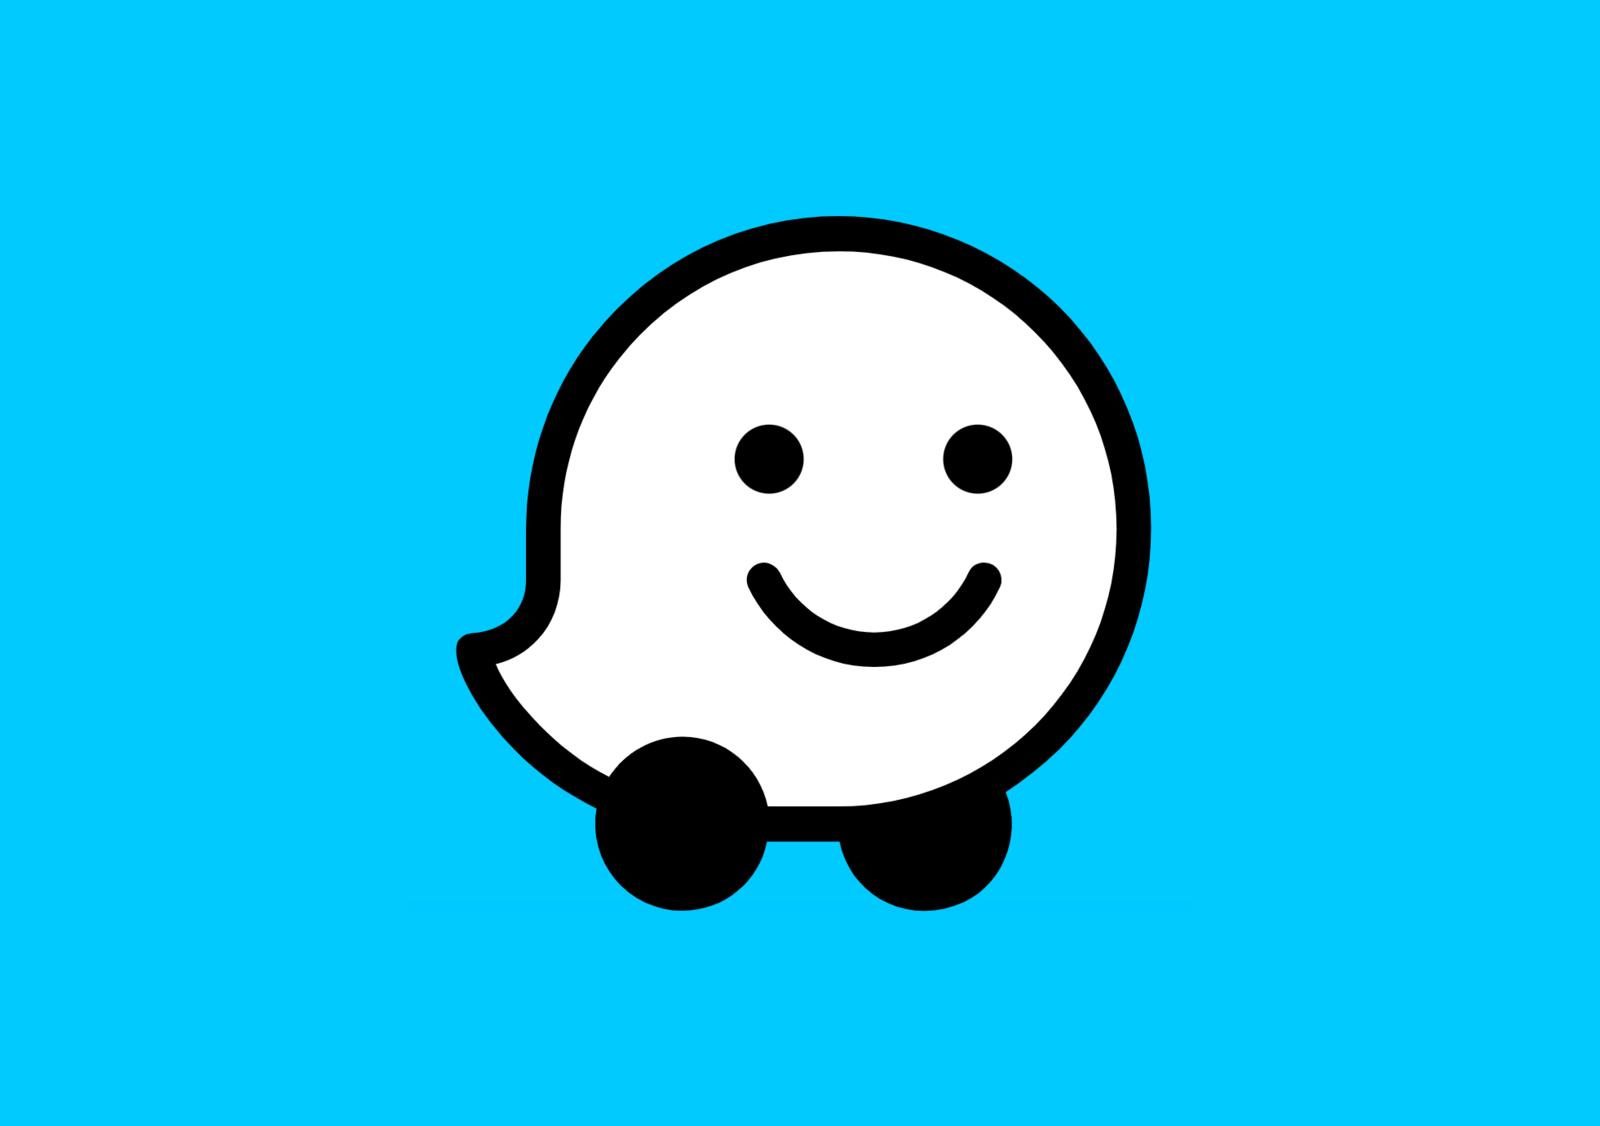 Branding : L'application Waze renouvelle son logo et renforce son identité